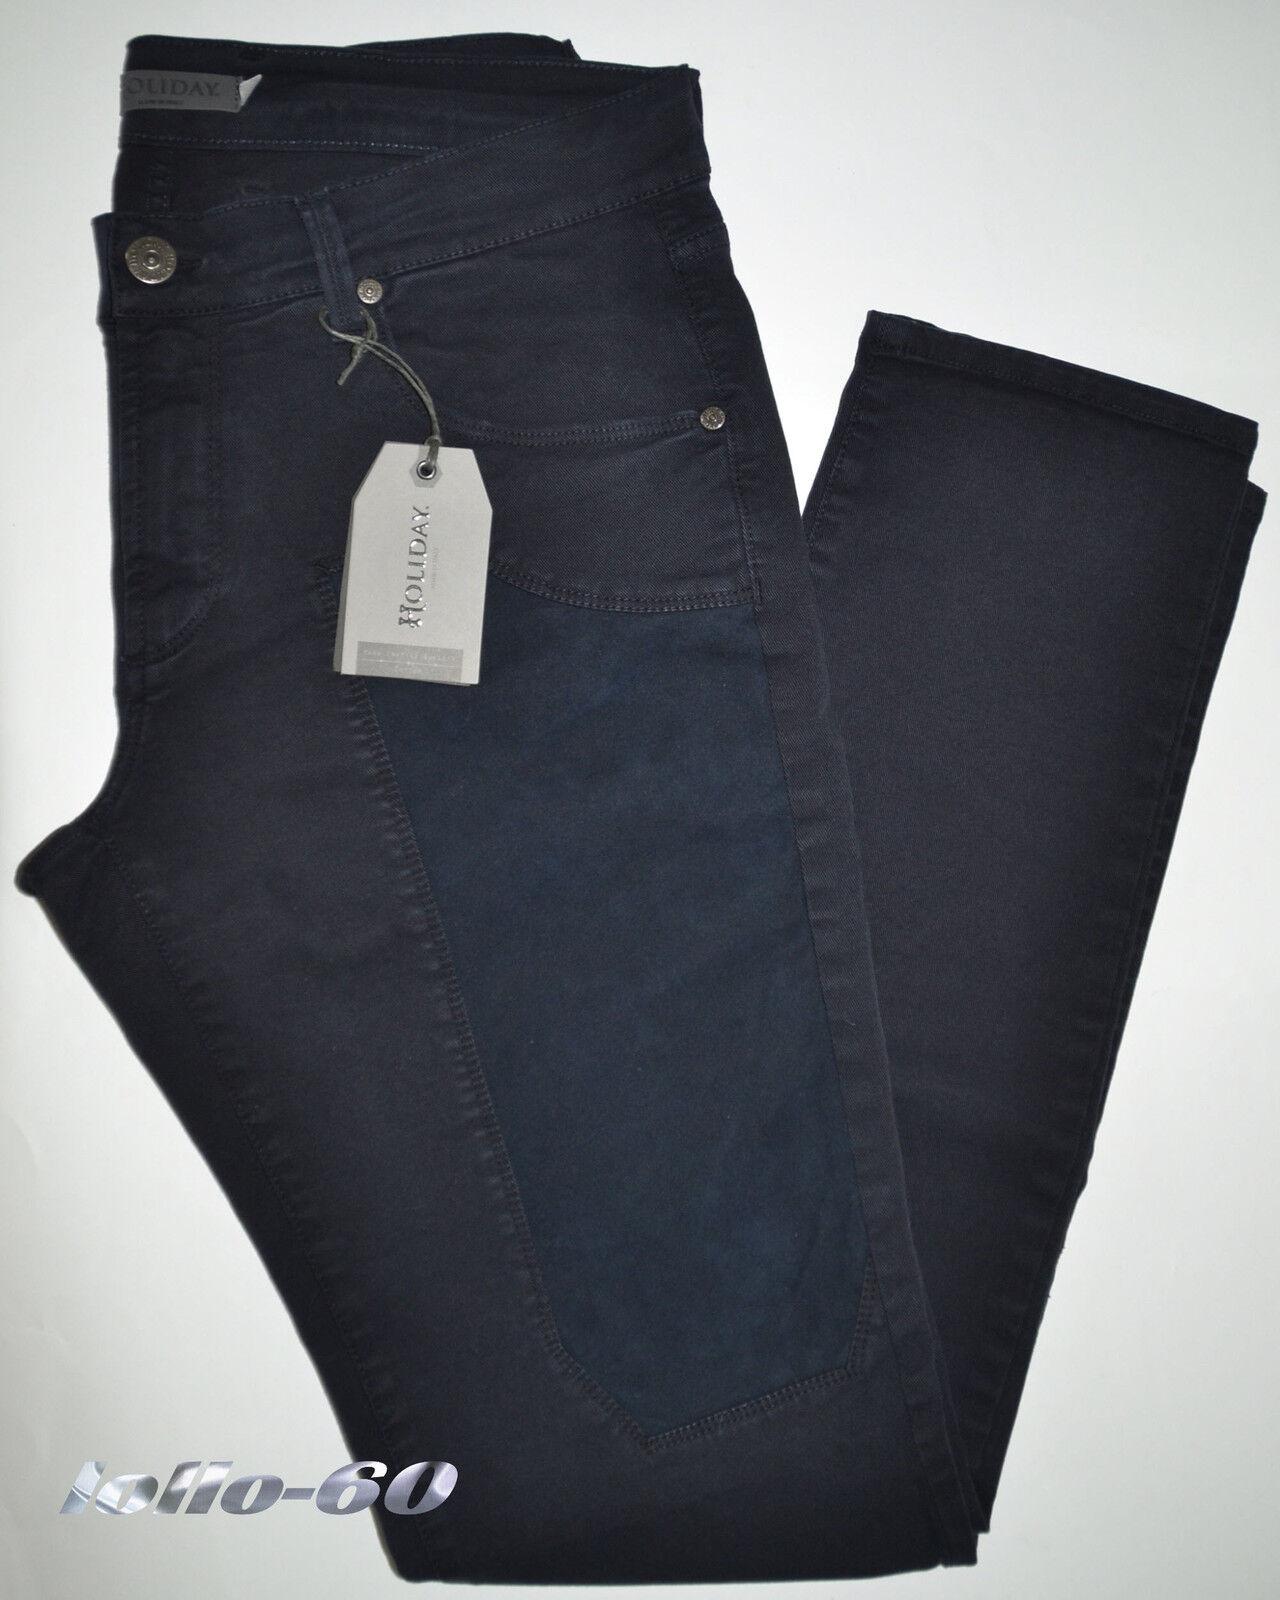 Men's trousers HOLIDAY slim 44 46 48 50 52 54 56 58 60 gabardine strech bluee